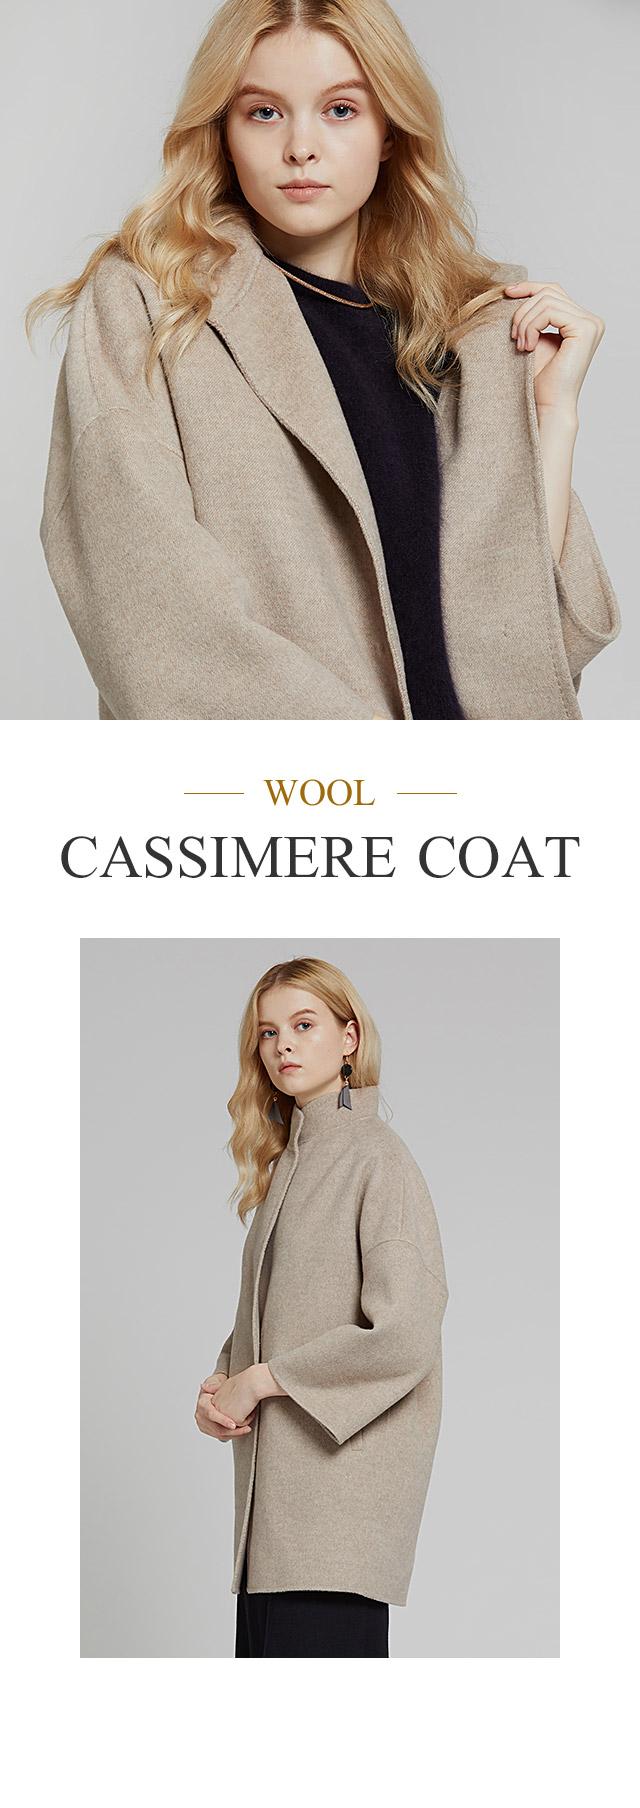 cassimere coat,캐시미어 코트,코트 울코트,겨울코트,캐시미어 울코트